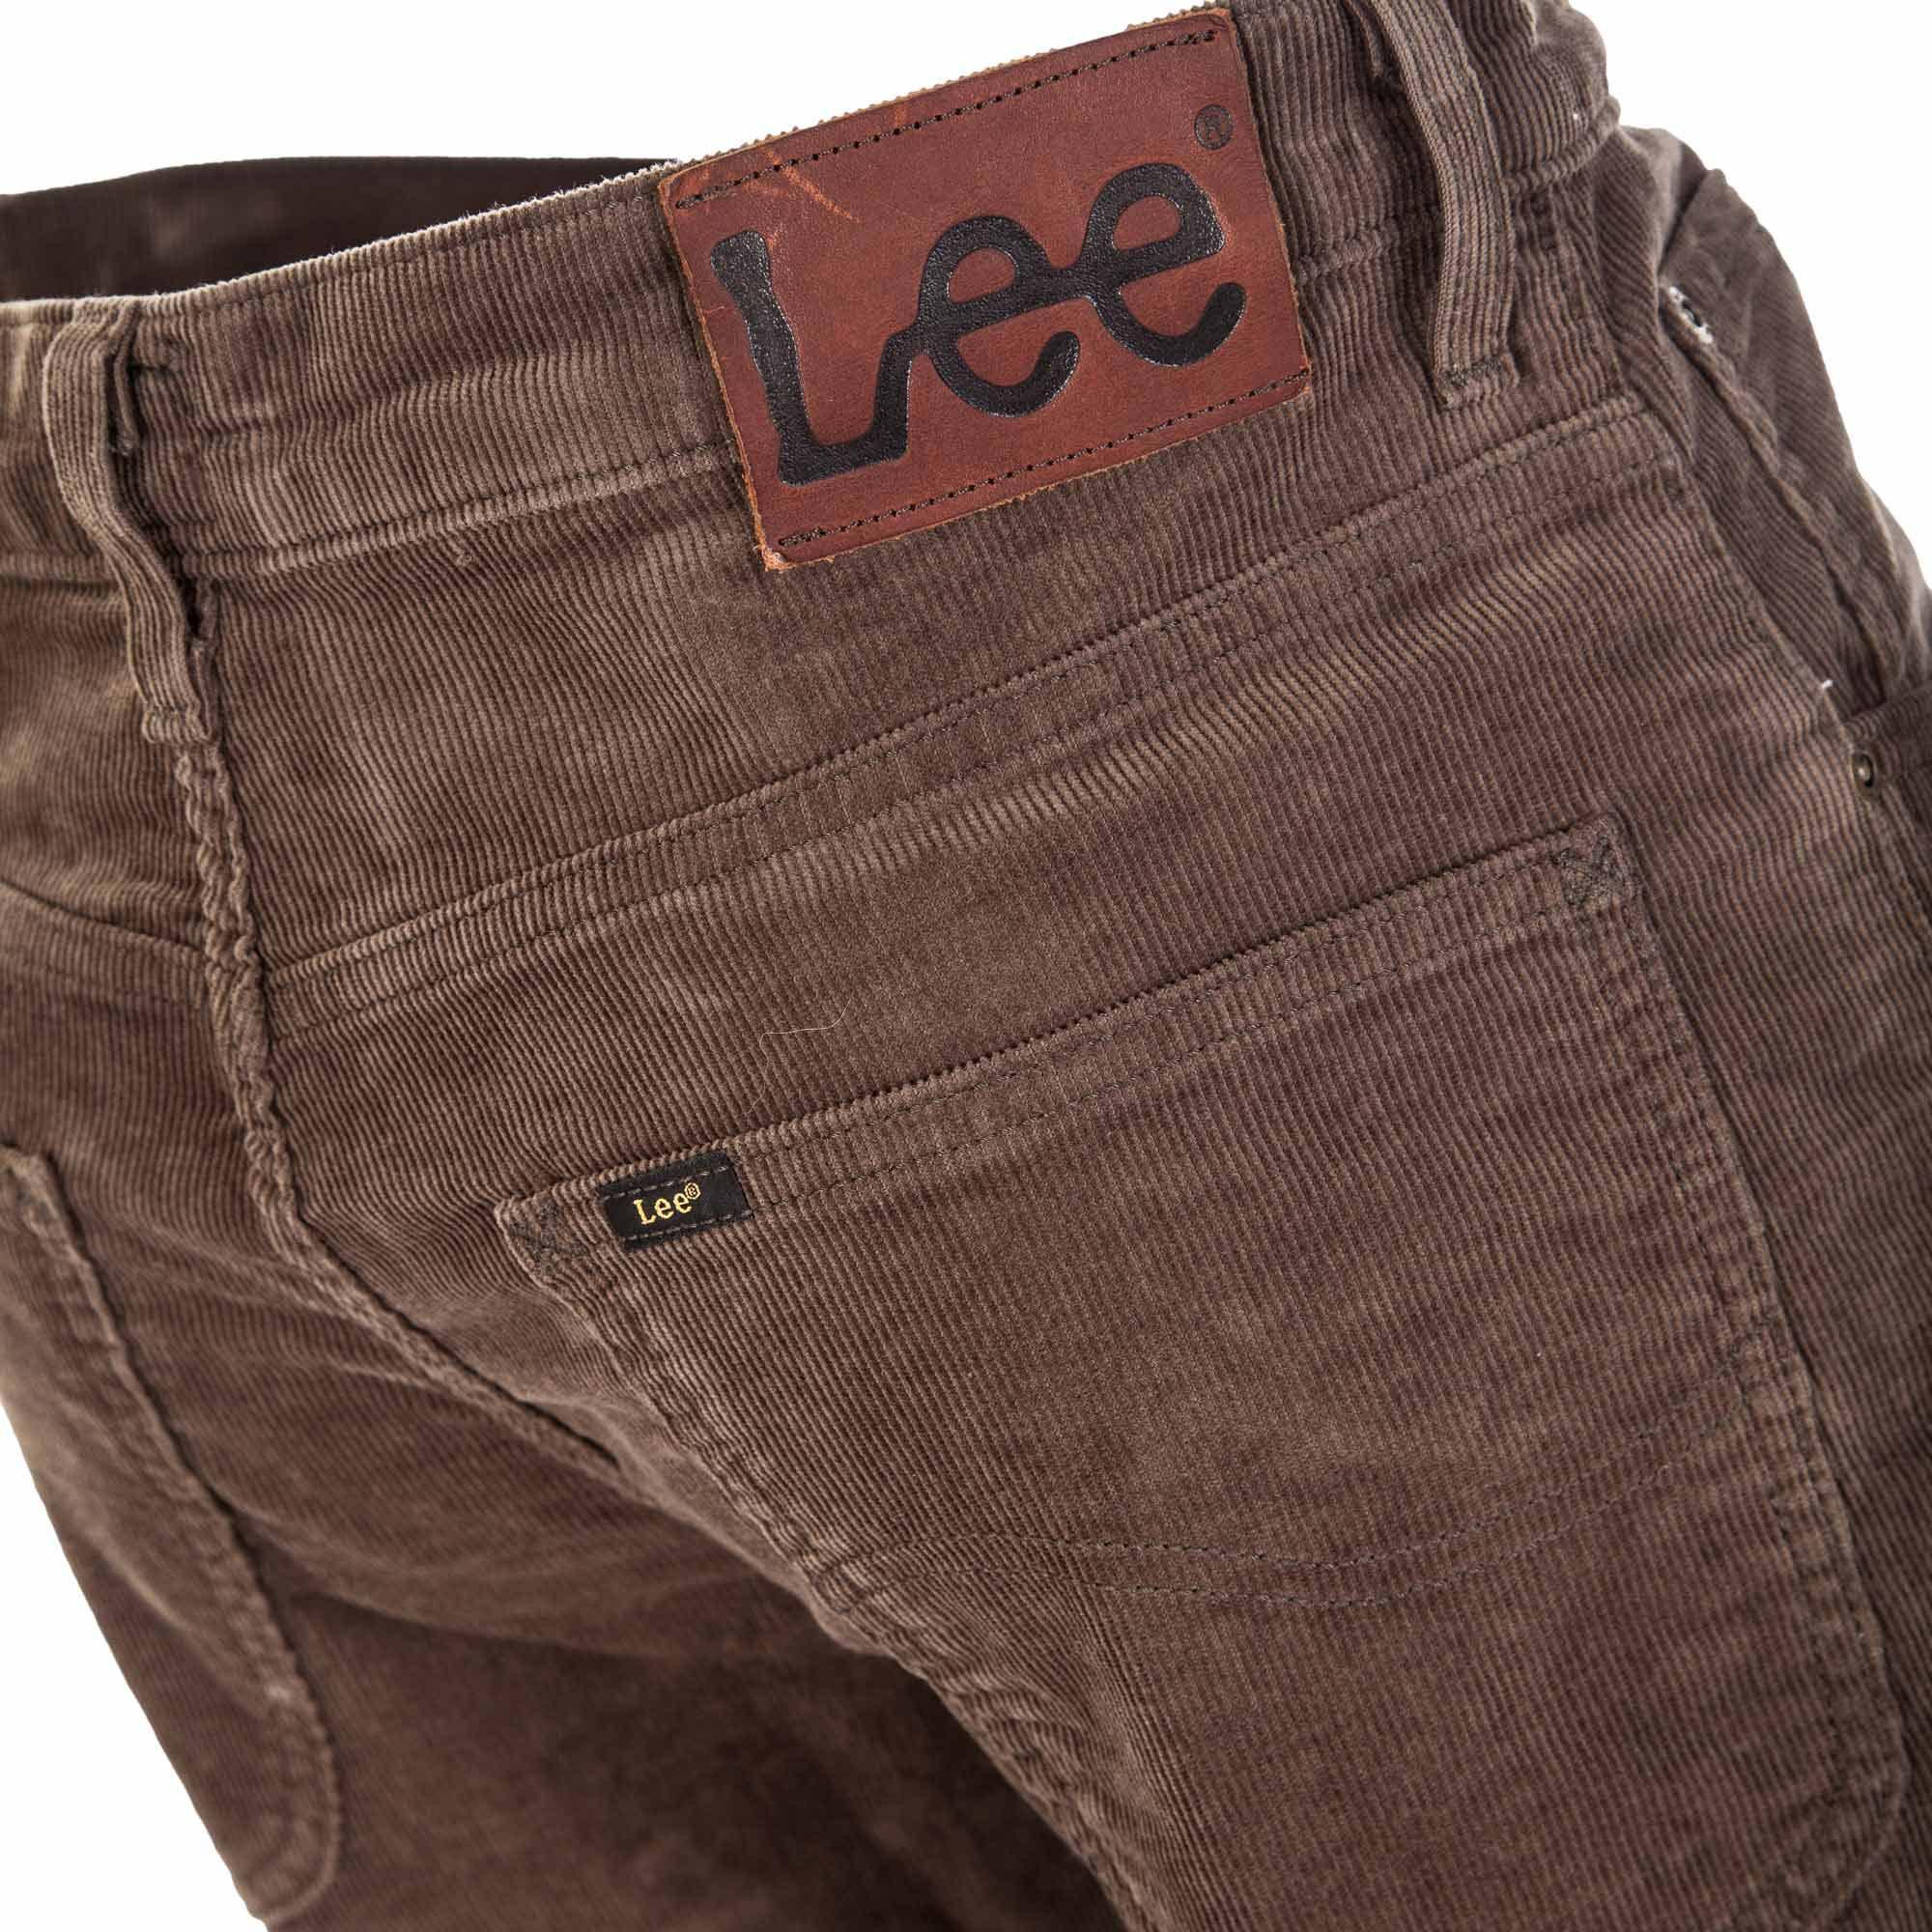 BROOKLYN STRAIGHT OLIVE GREEN - Pánské manšestrové kalhoty 8478310ca3